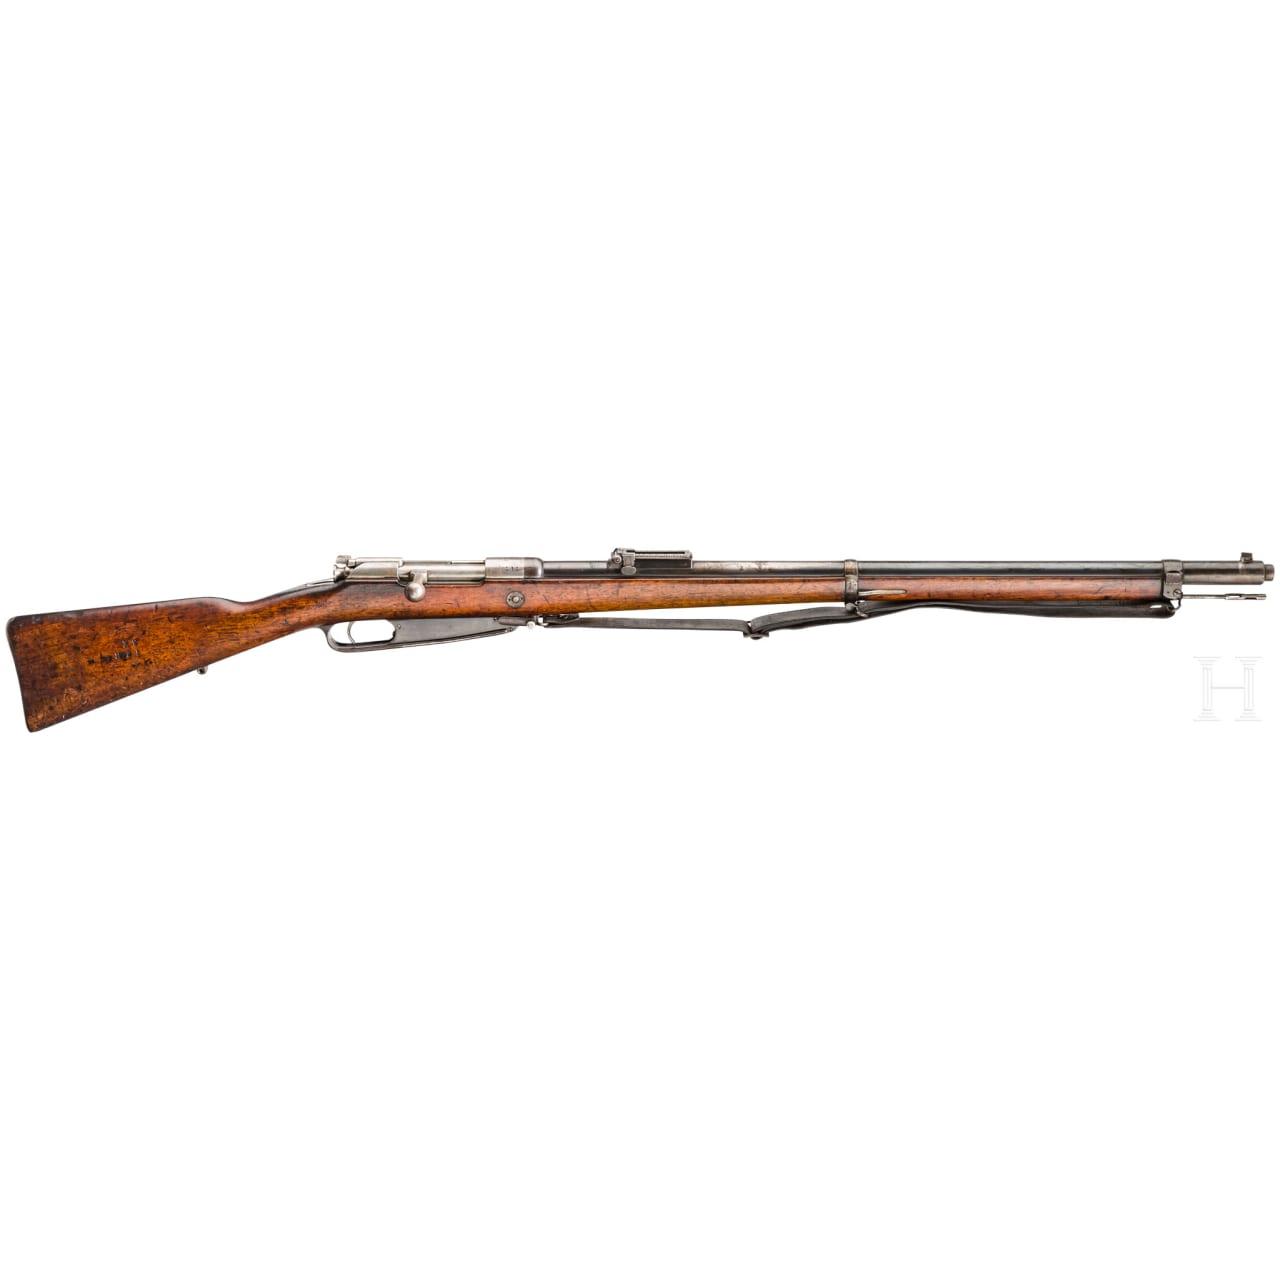 Gewehr 88, Amberg, 1891